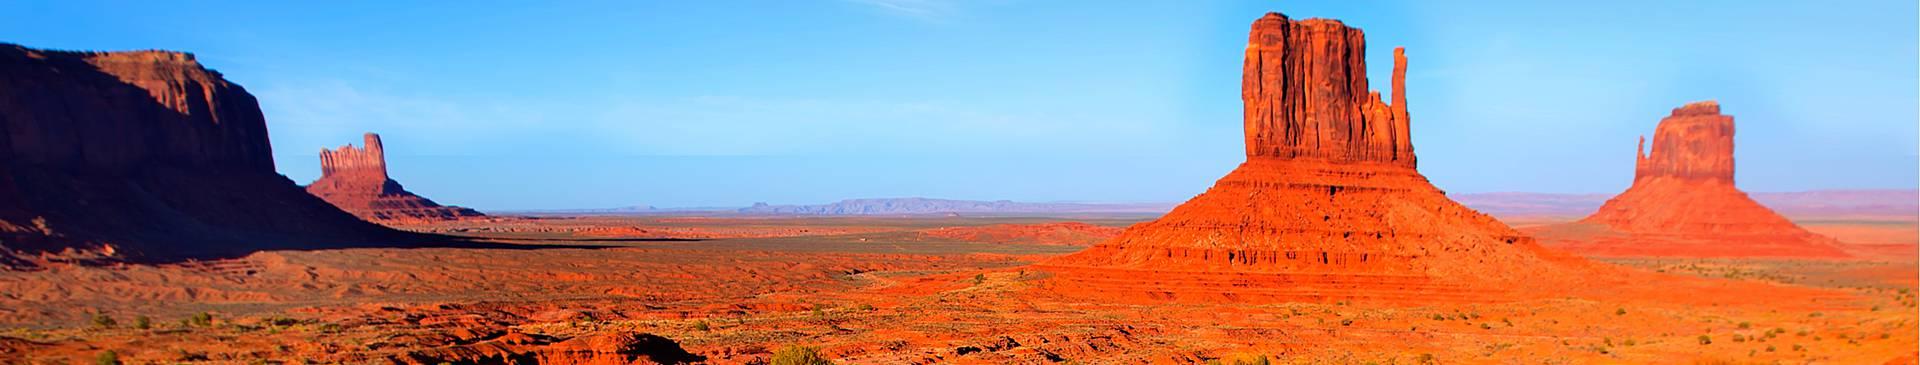 Wüstentour USA